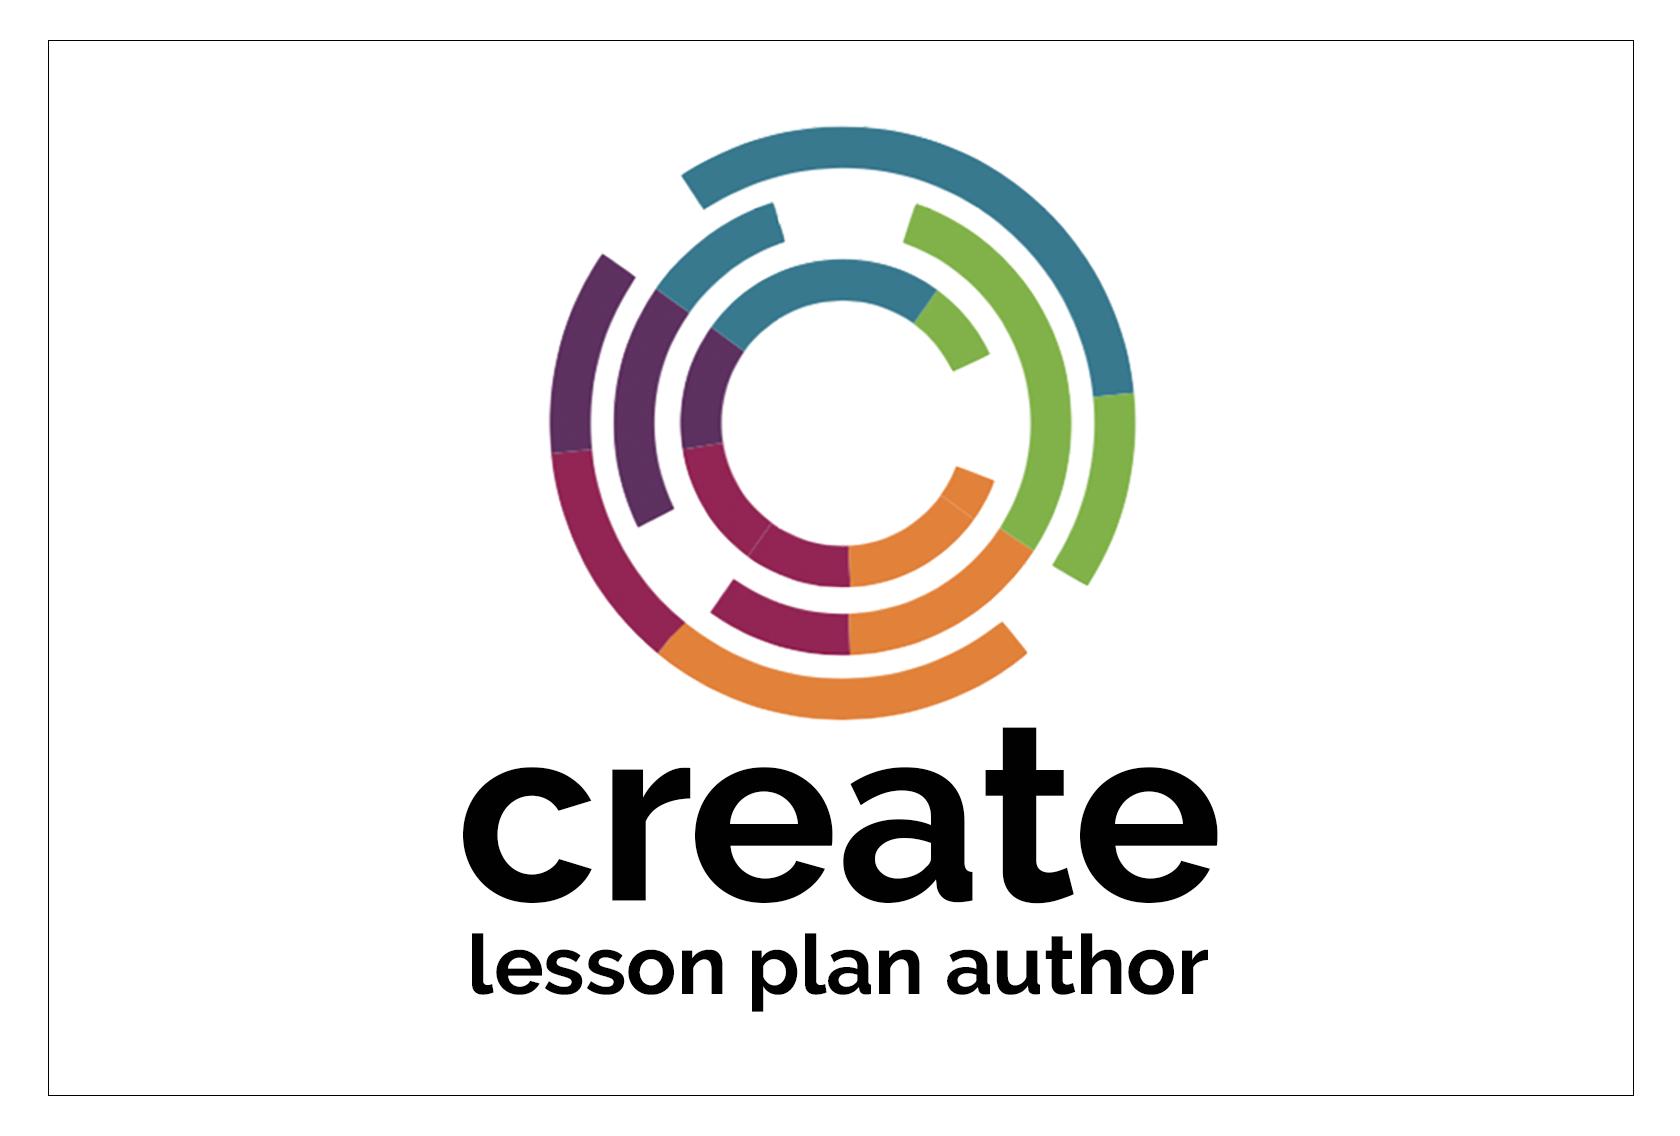 create logo on white